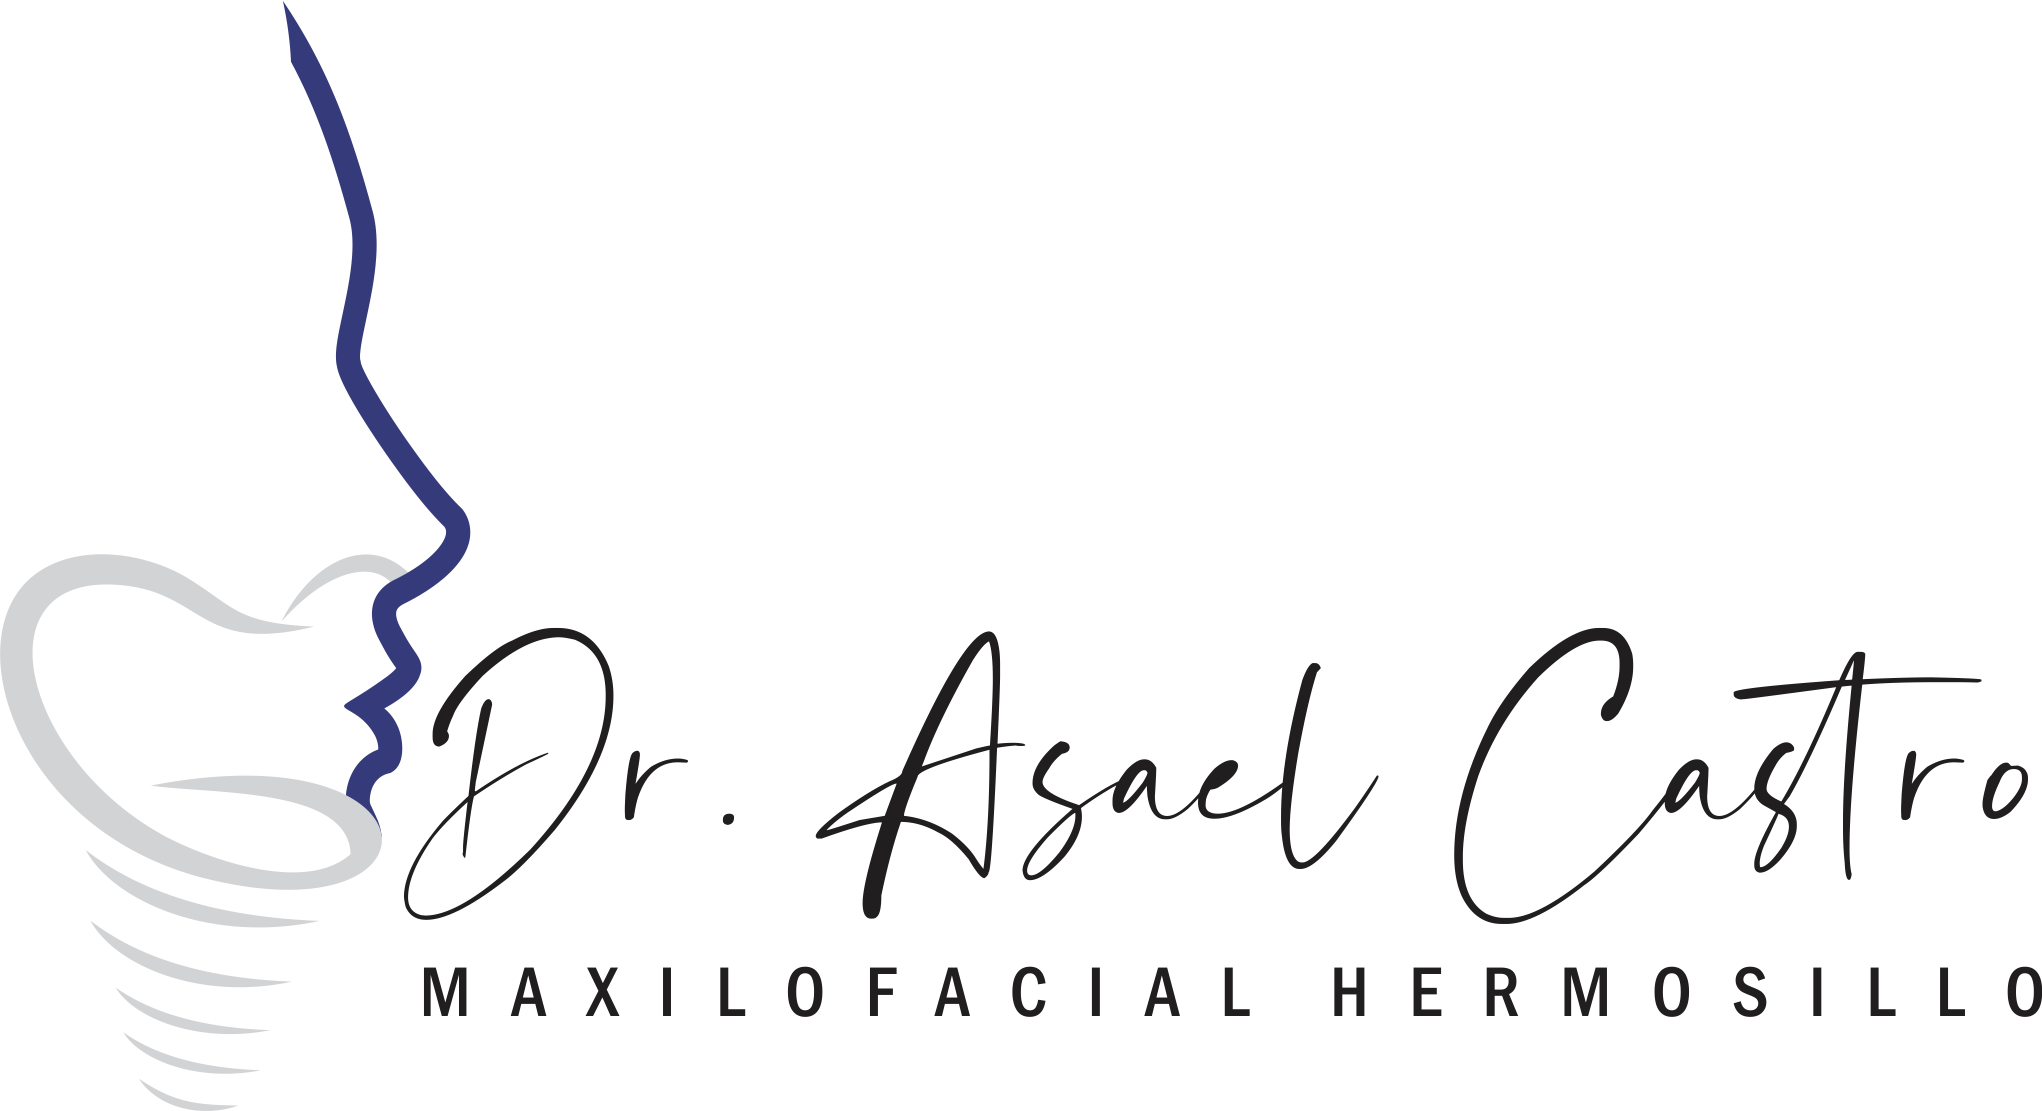 Dr. Asael Castro